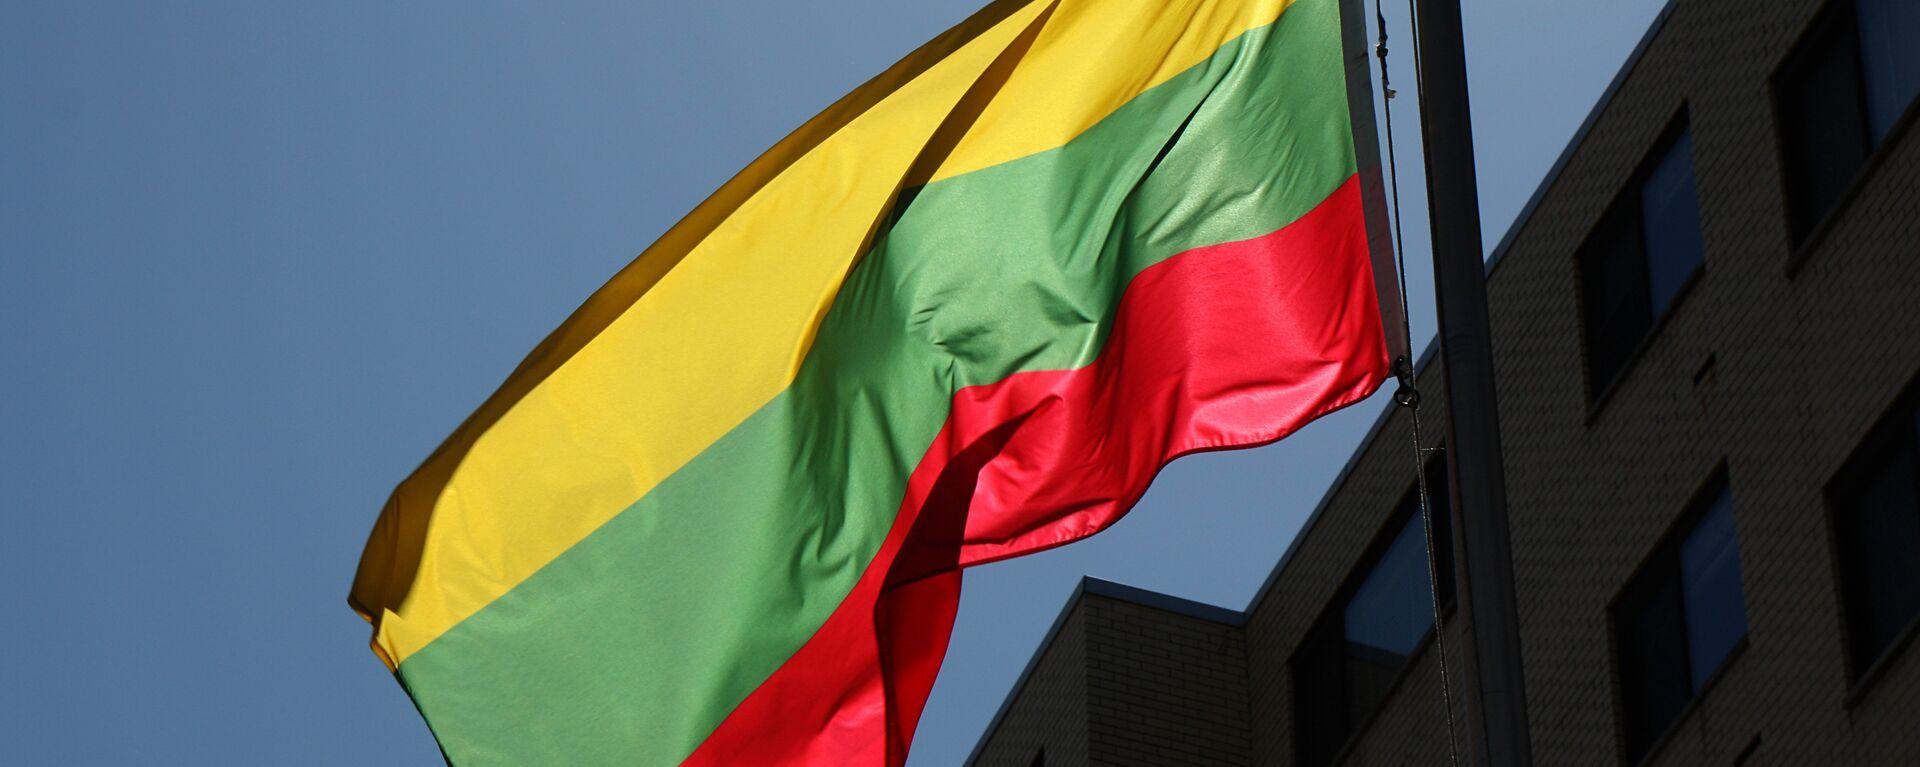 Bandera de Lituania - Sputnik Mundo, 1920, 08.07.2021